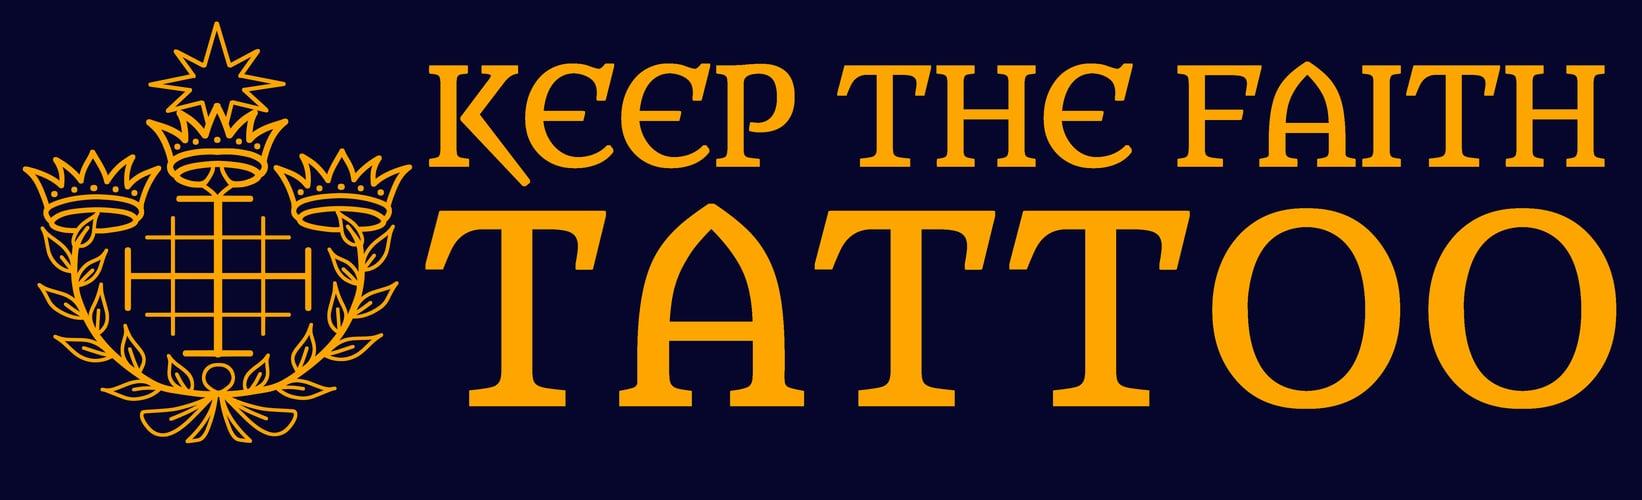 Keep The Faith Tattoo Home